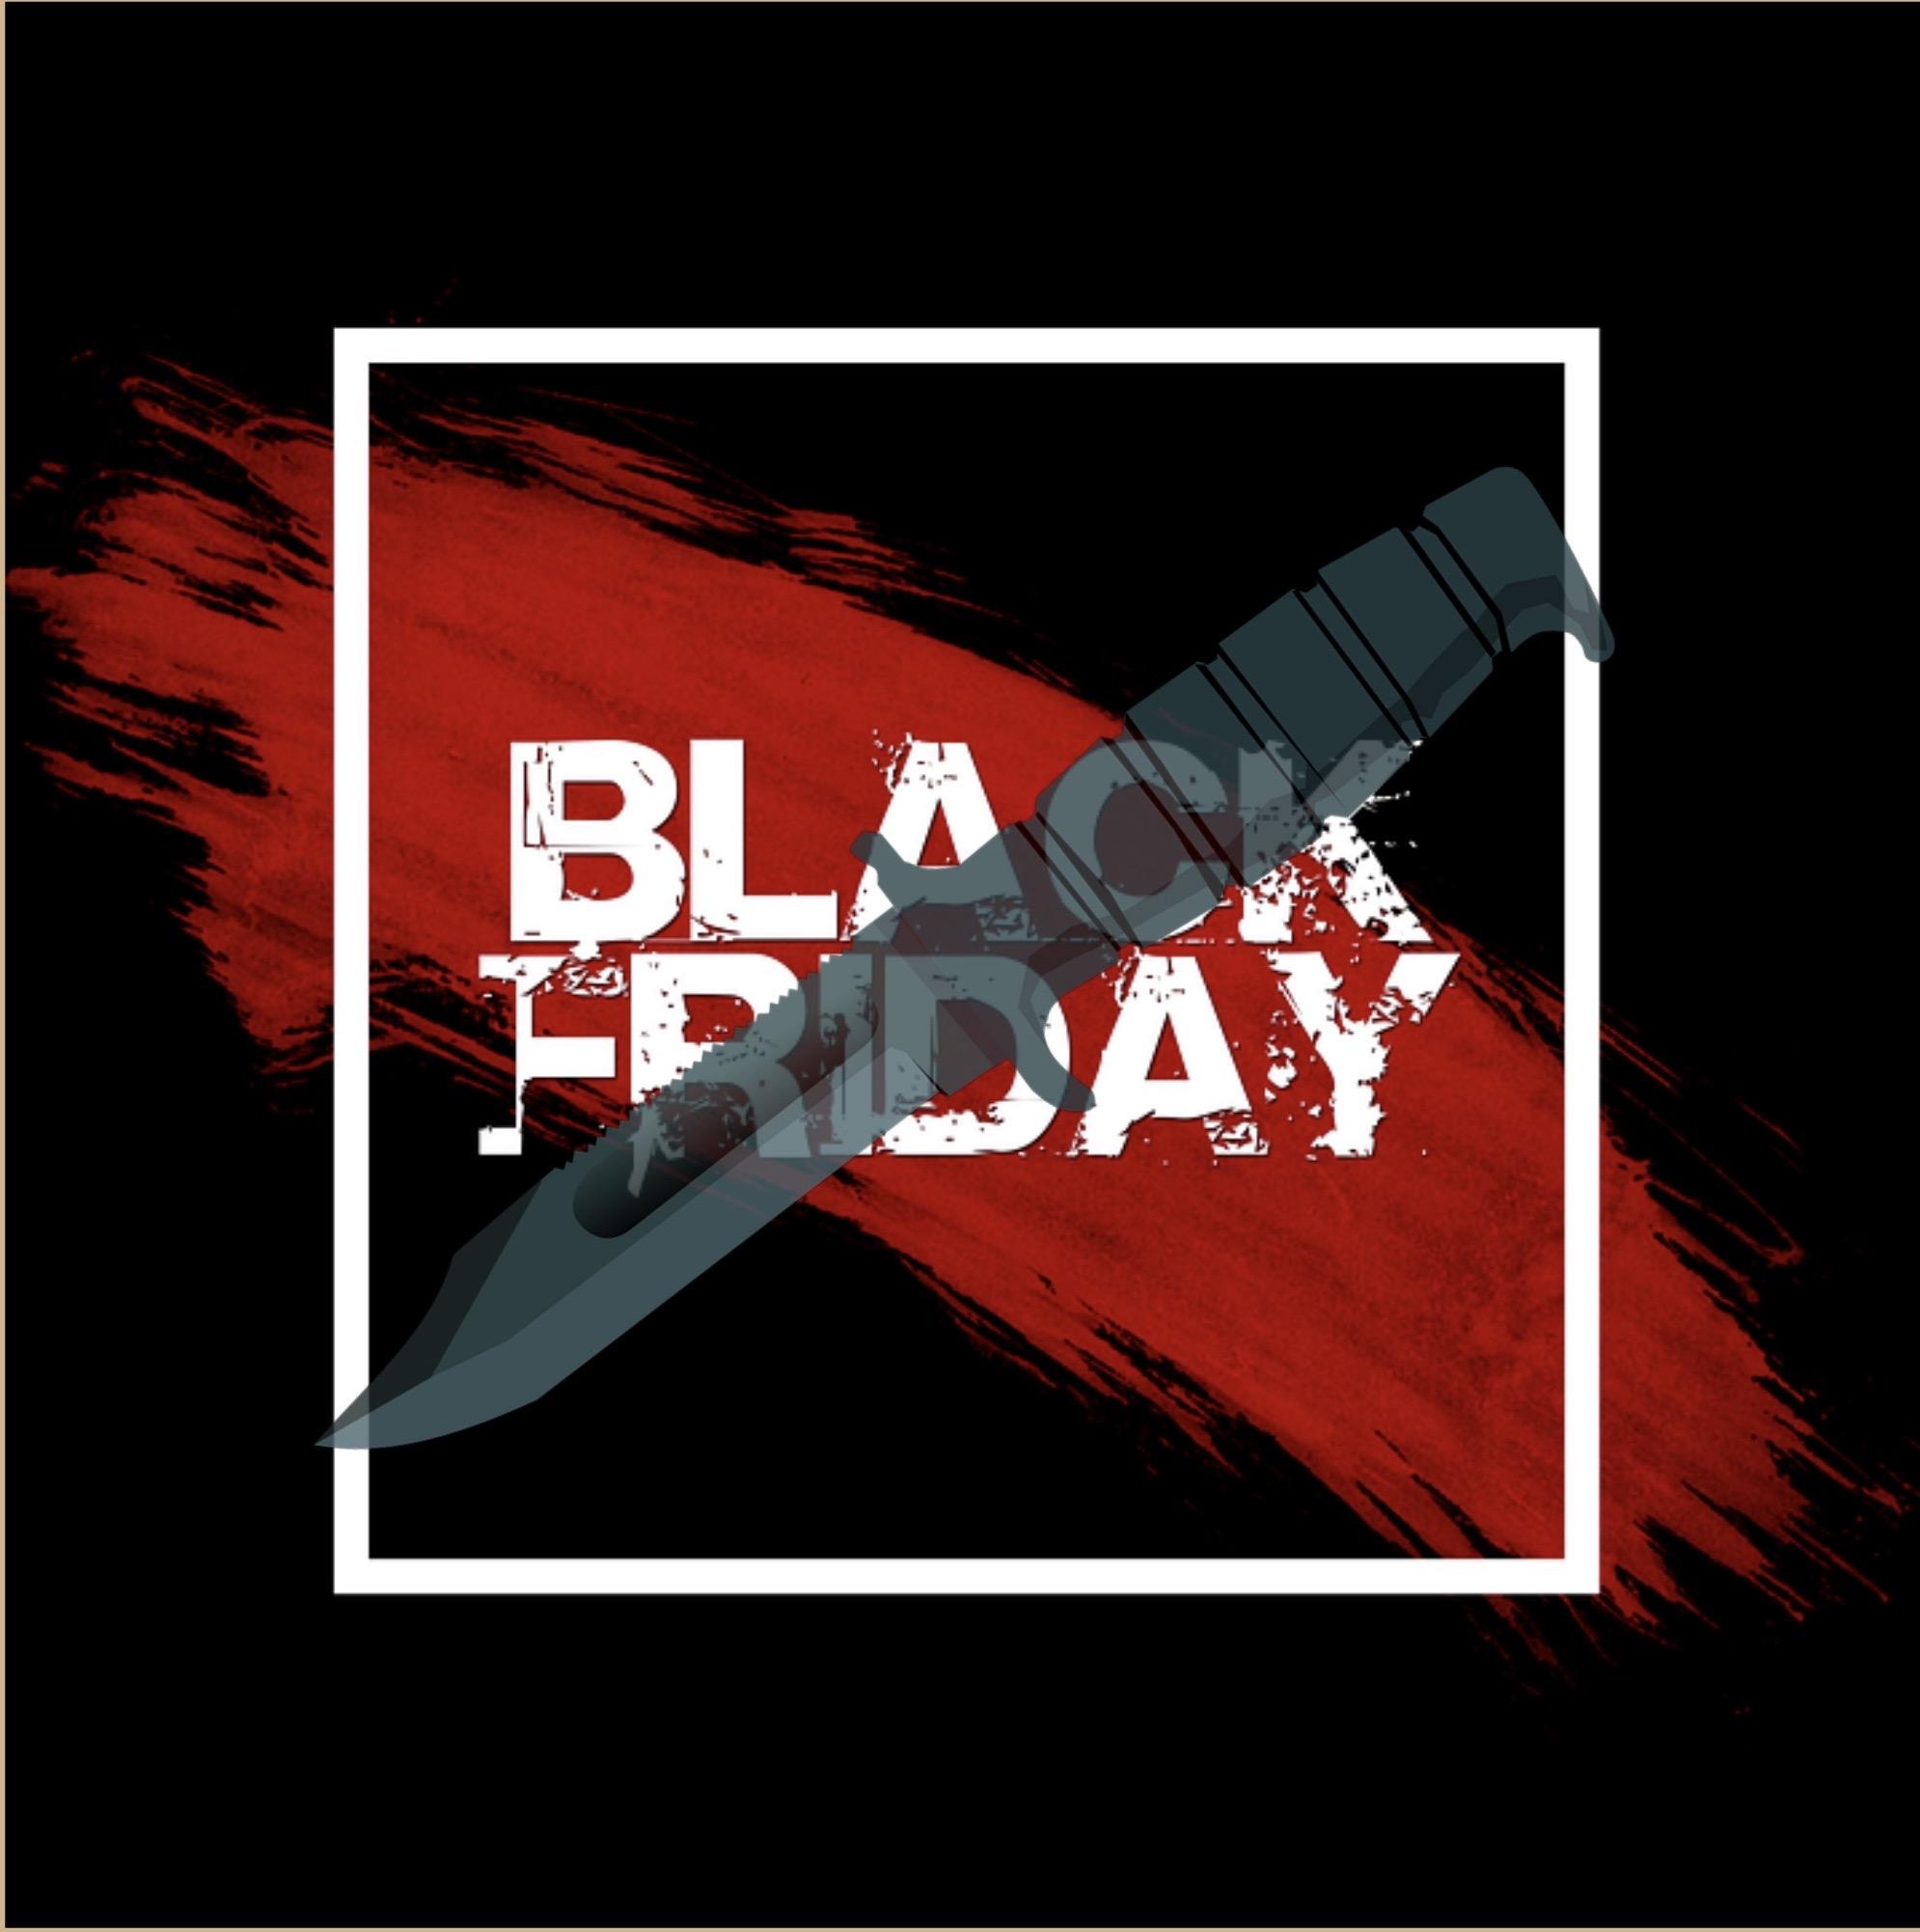 Black Friday del terrore: il 'venerdì nero' dell'Europa